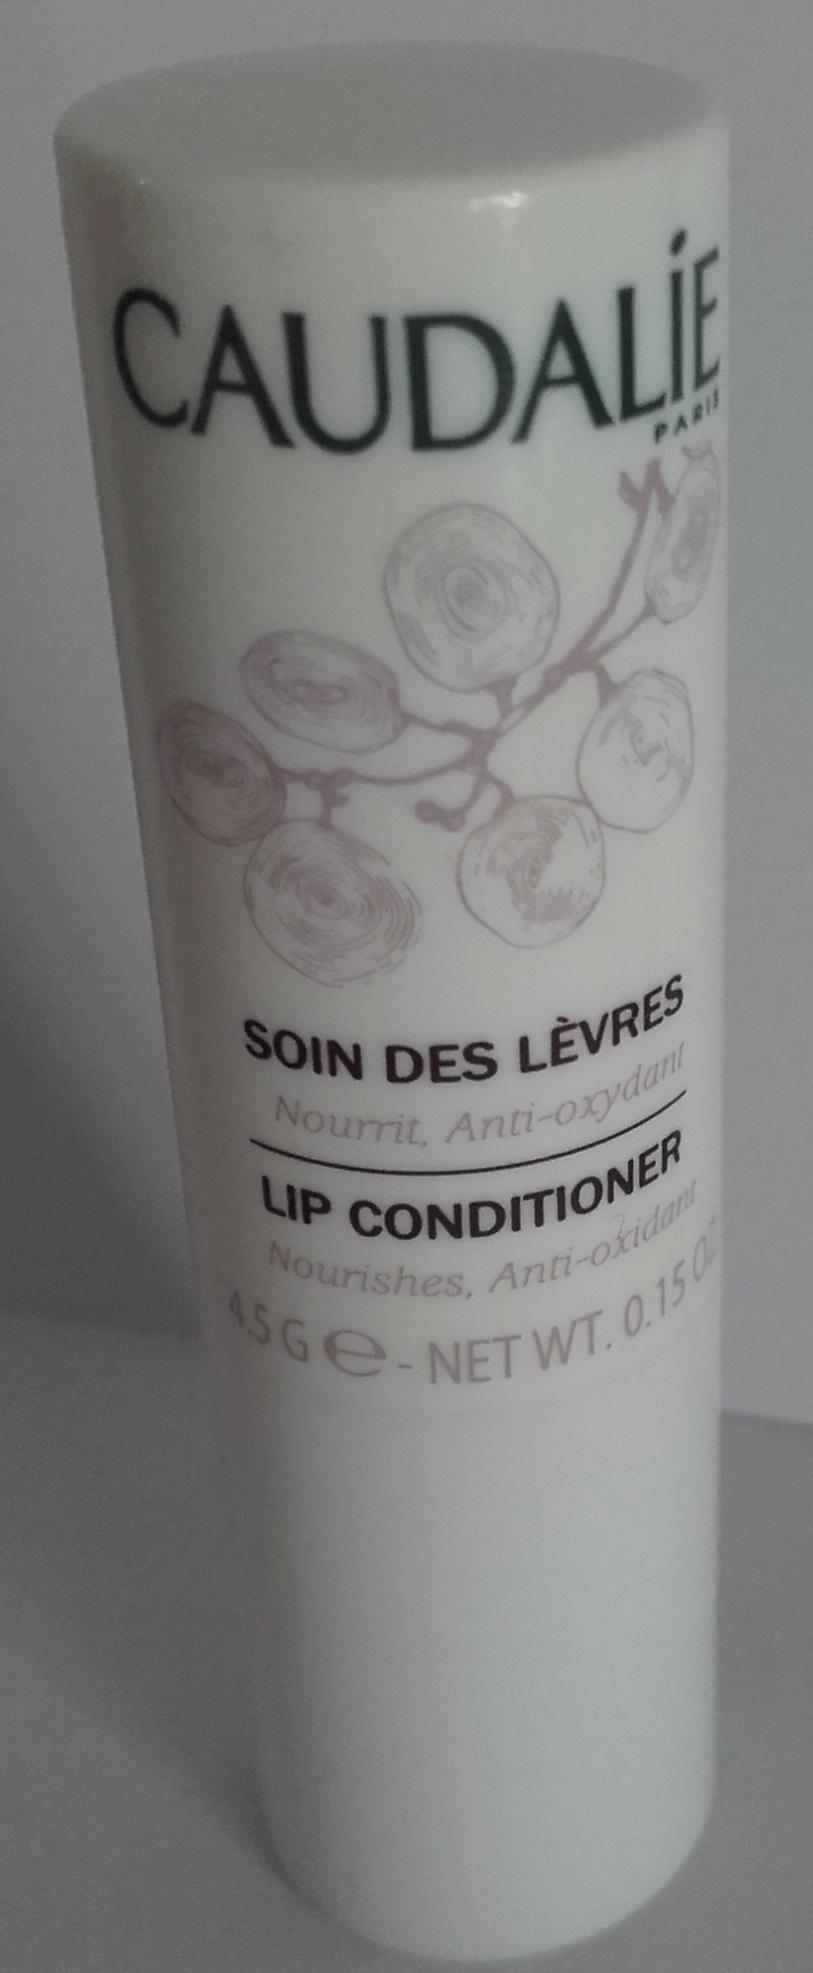 Soin des lèvres - Product